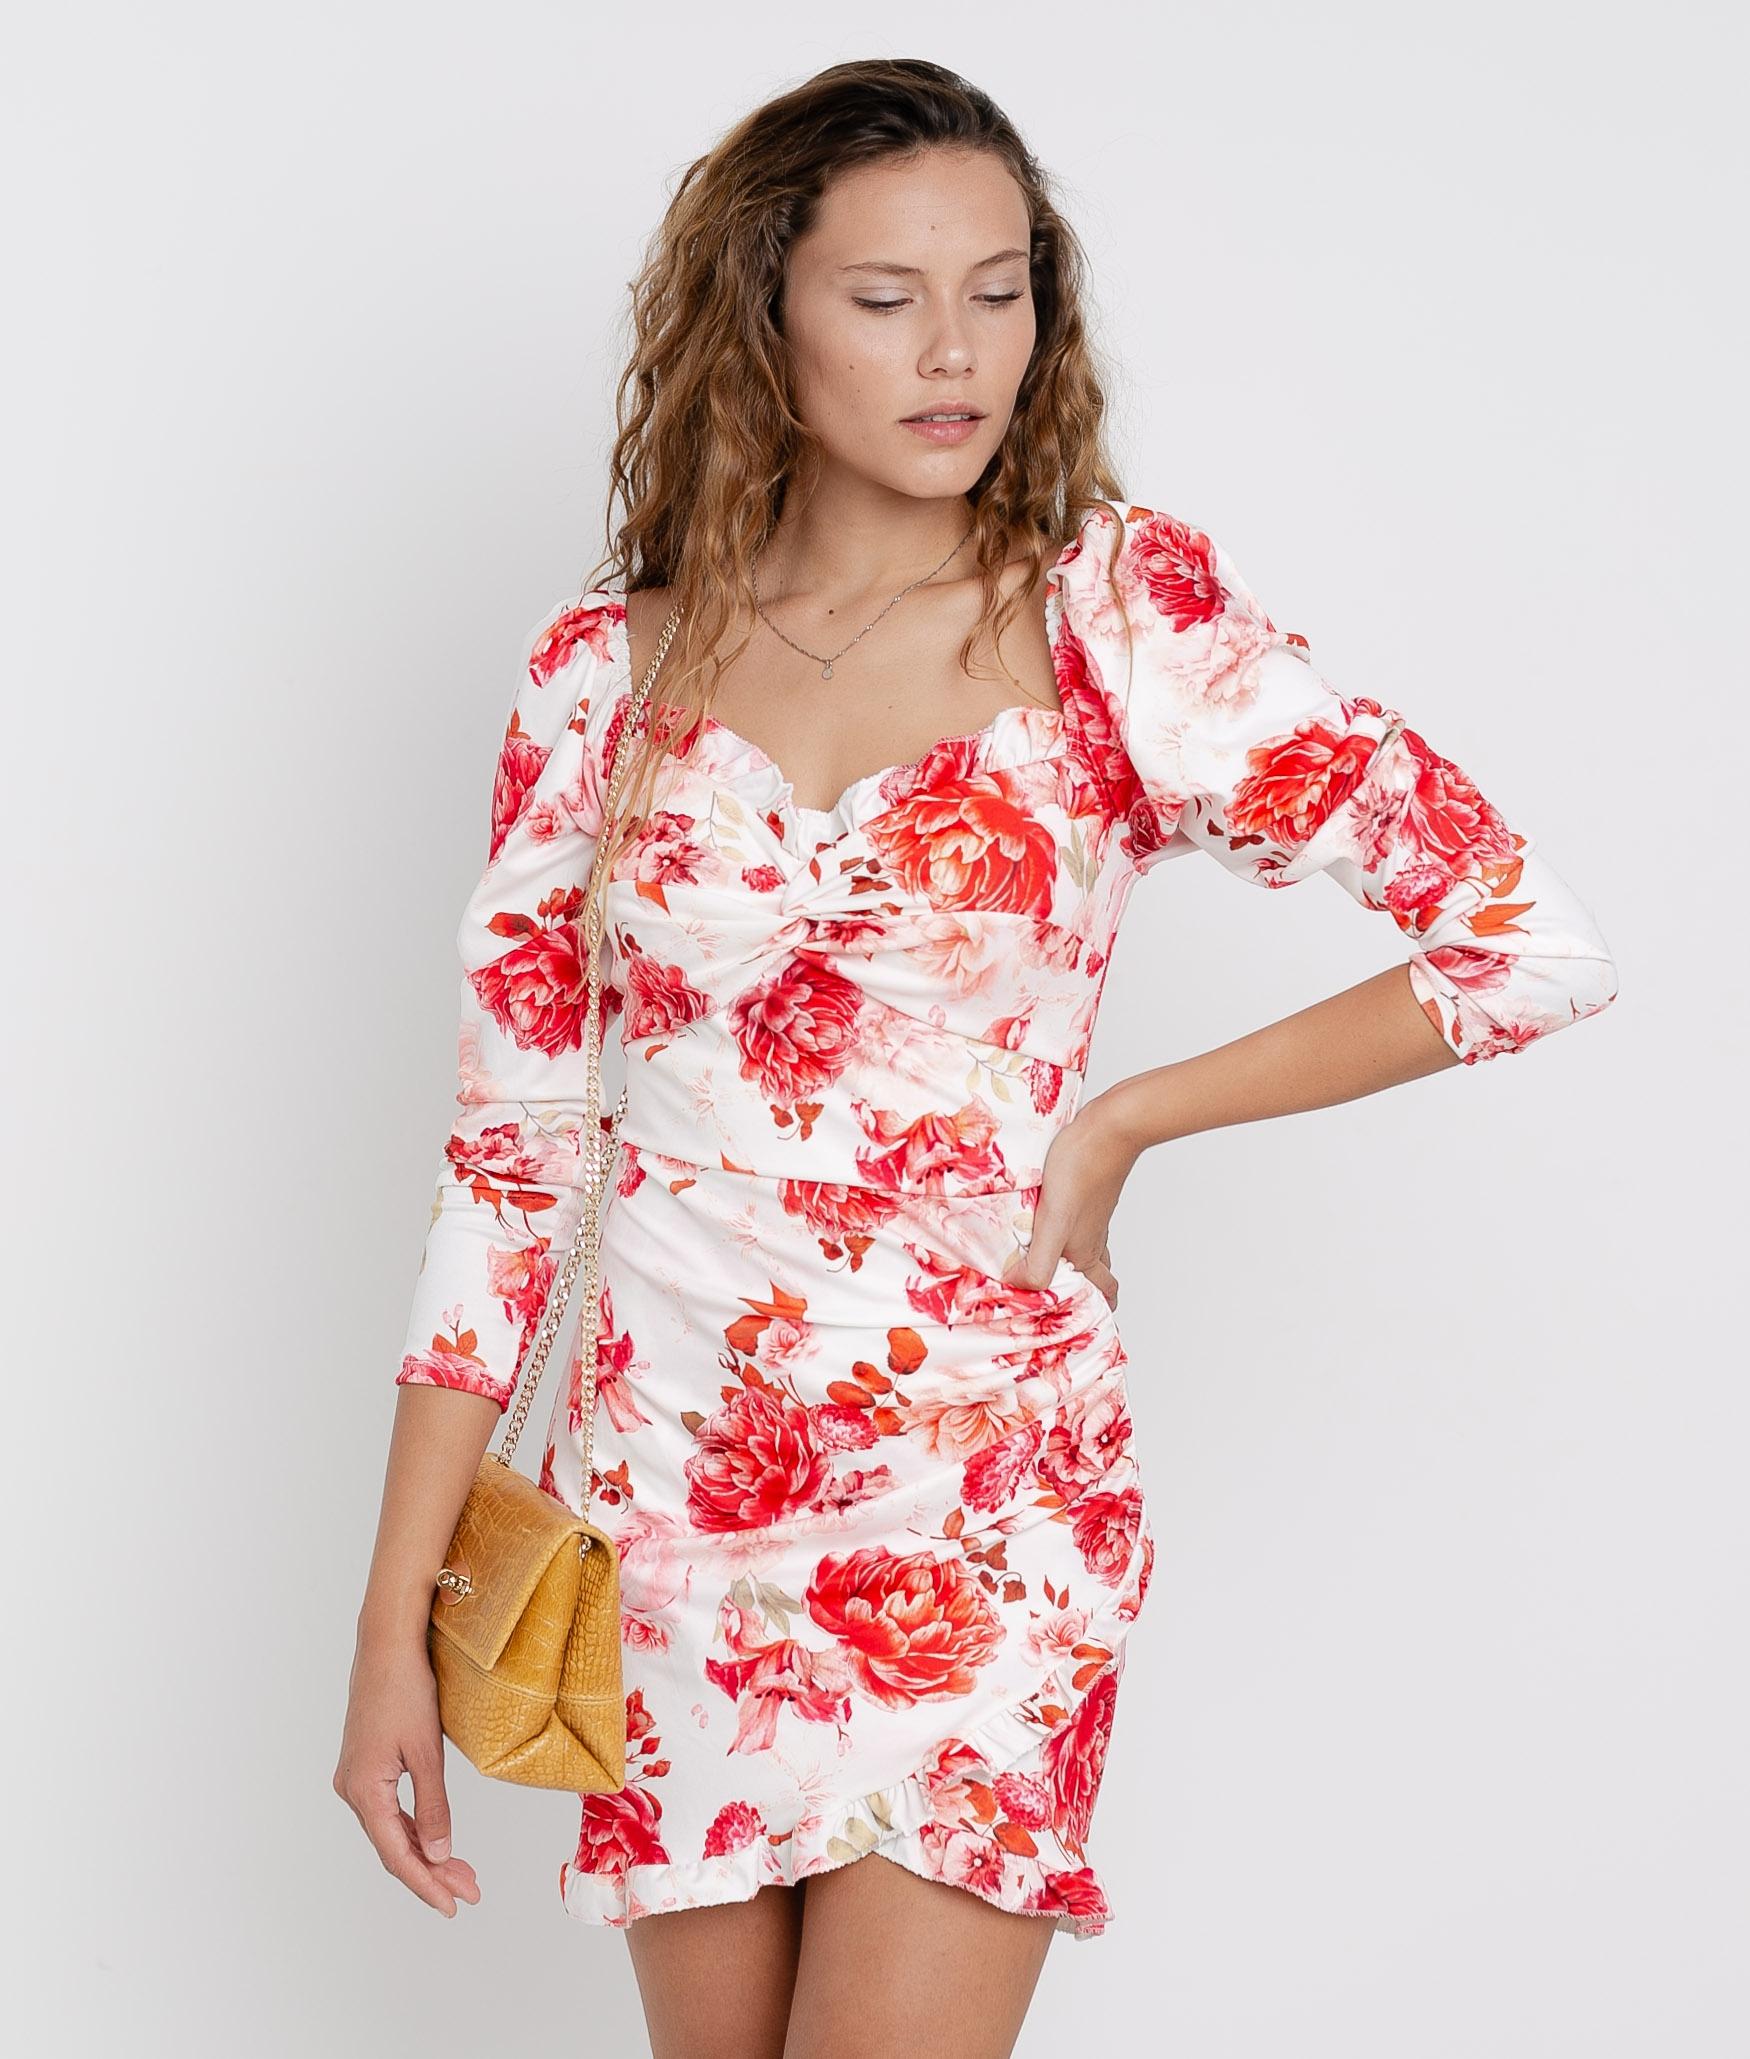 ARIYA DRESS - WHITE